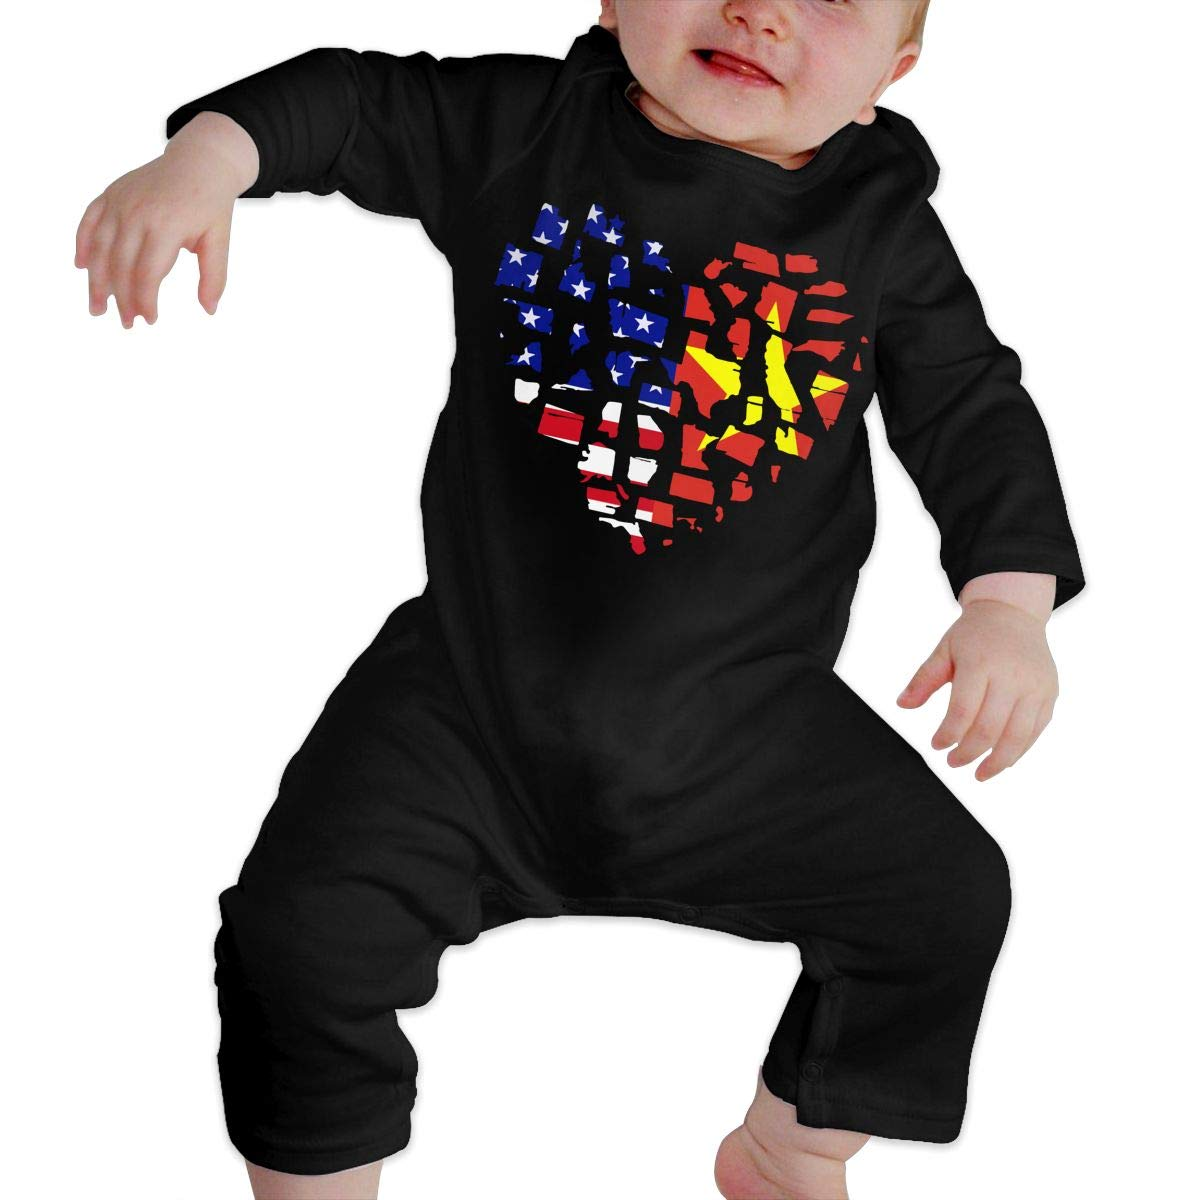 Mri-le1 Baby Boy Jumpsuit Vietnam USA Flag Heart Infant Long Sleeve Romper Jumpsuit